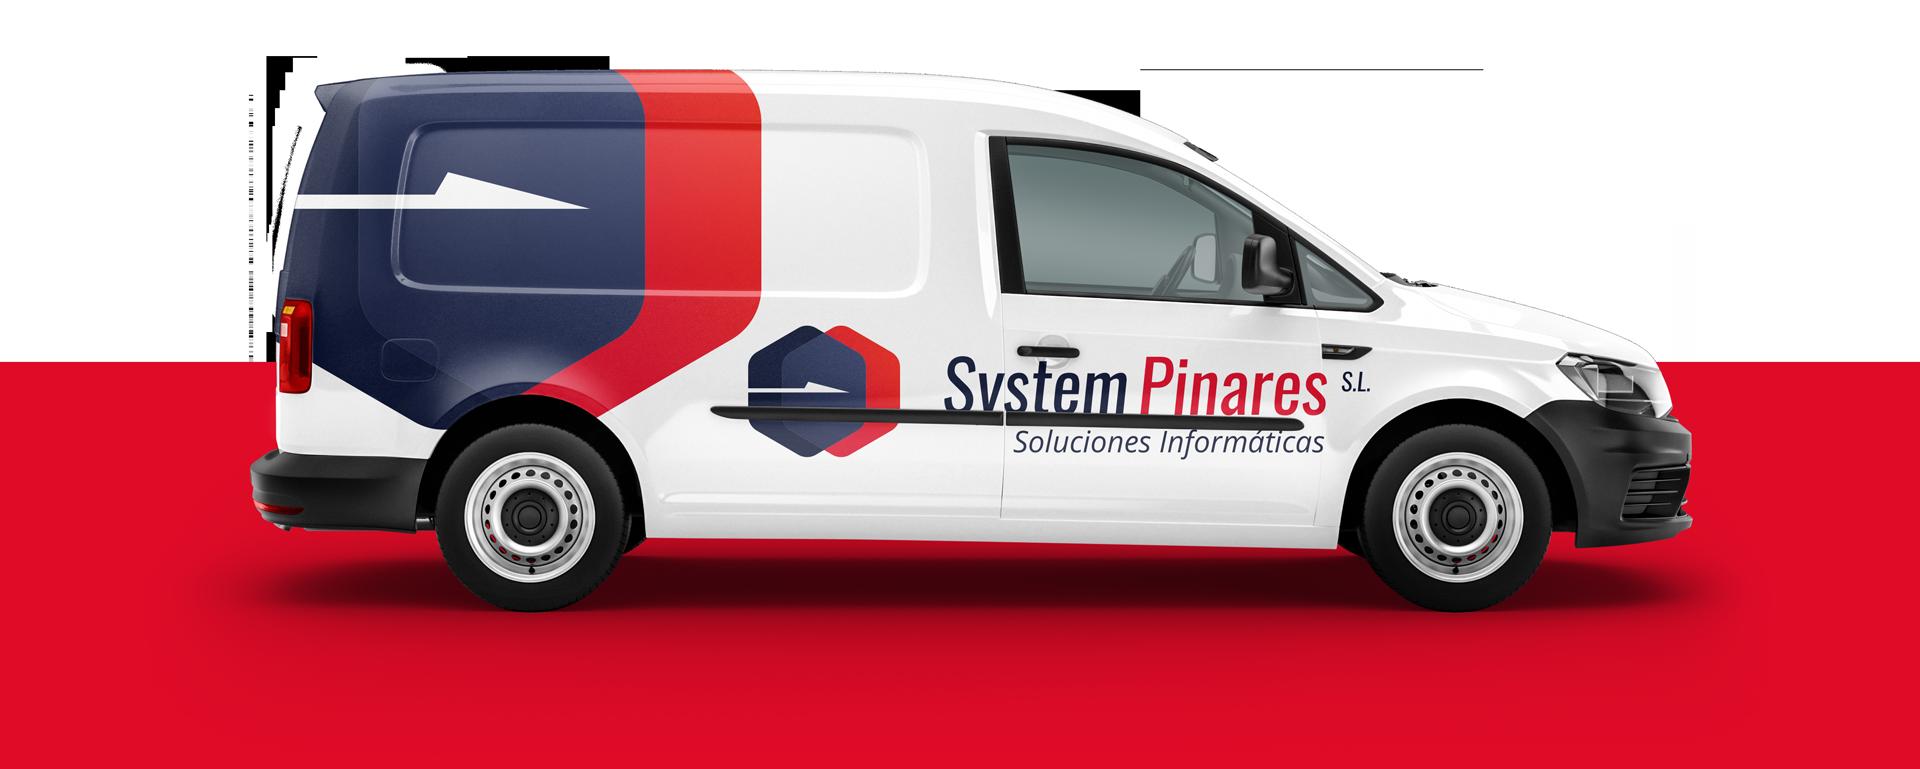 Vinil per a la furgoneta de System Pinares Soria. Disseny de Crits Gràfics Lleida.